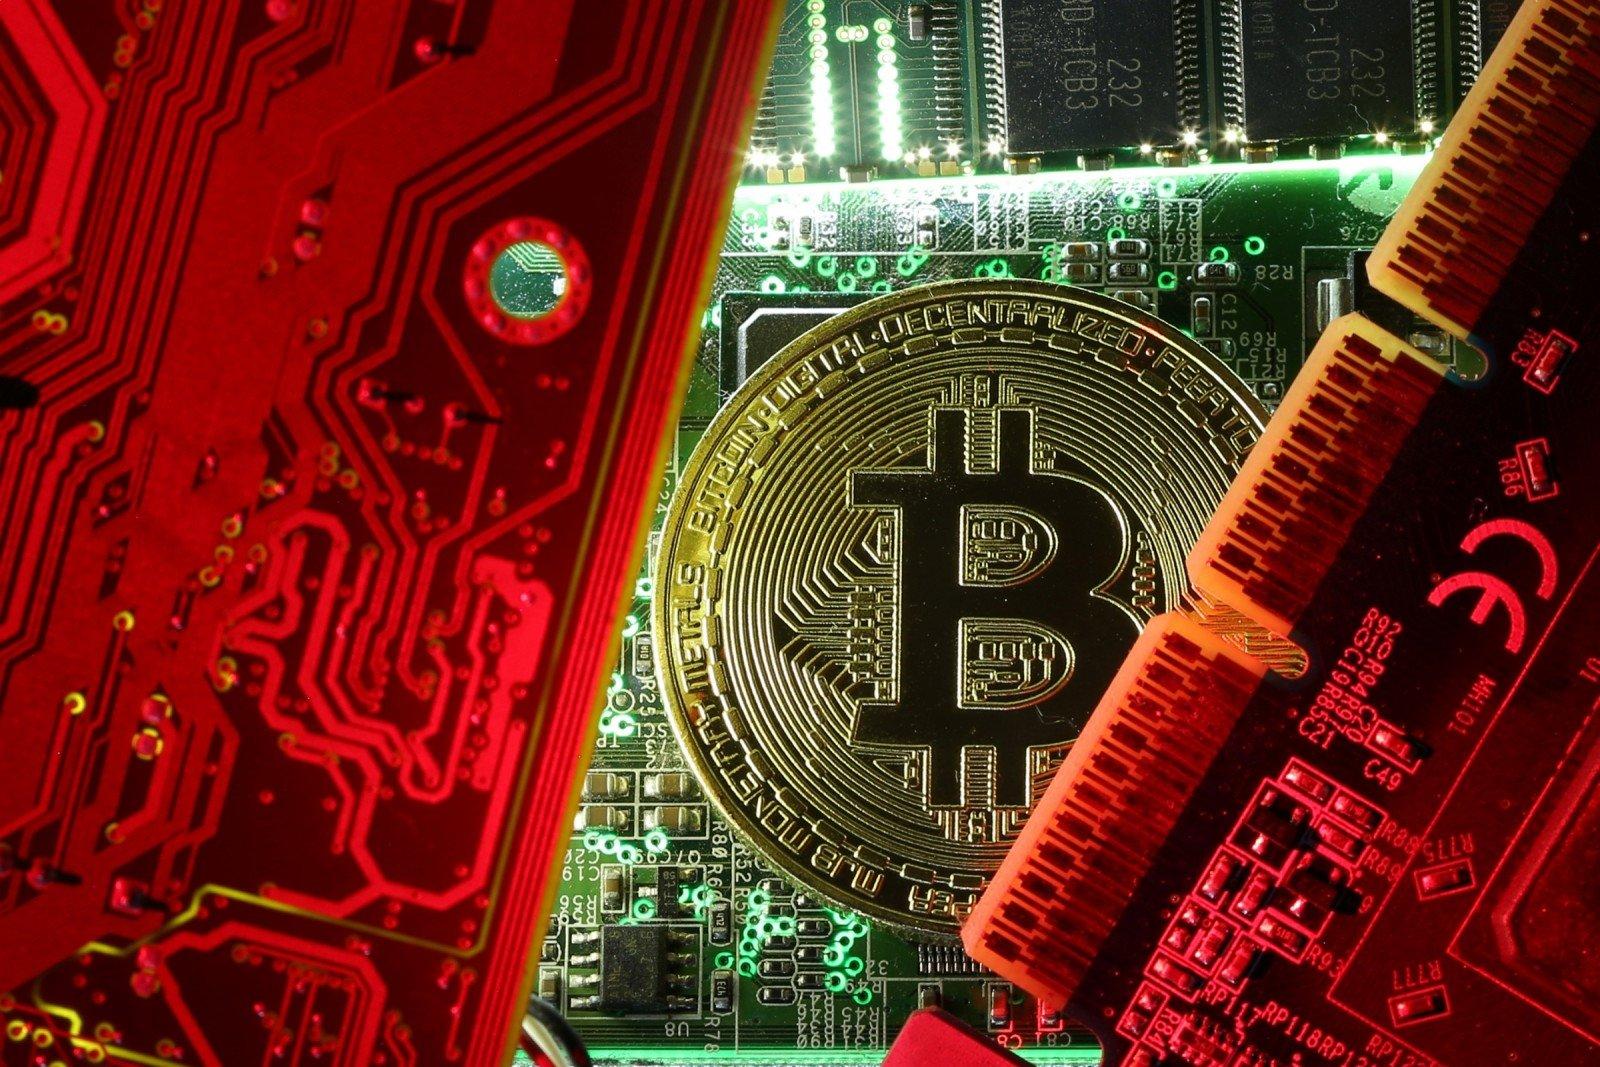 bitkoinų grynųjų)